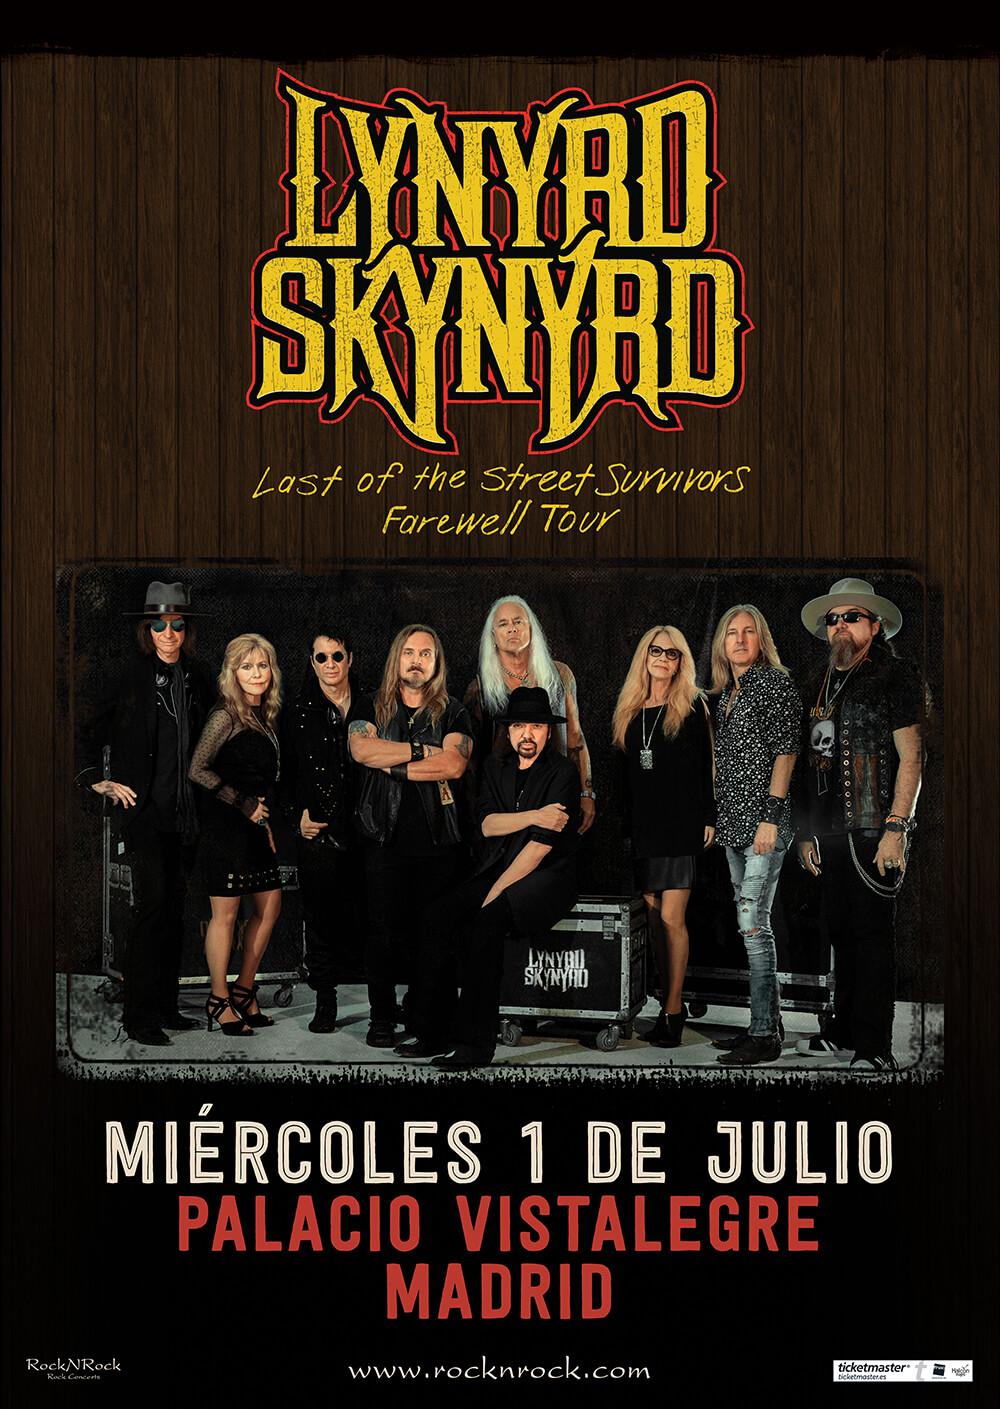 Rock the night festival 25-27 Junio - CANCELADO - - Página 2 77410910